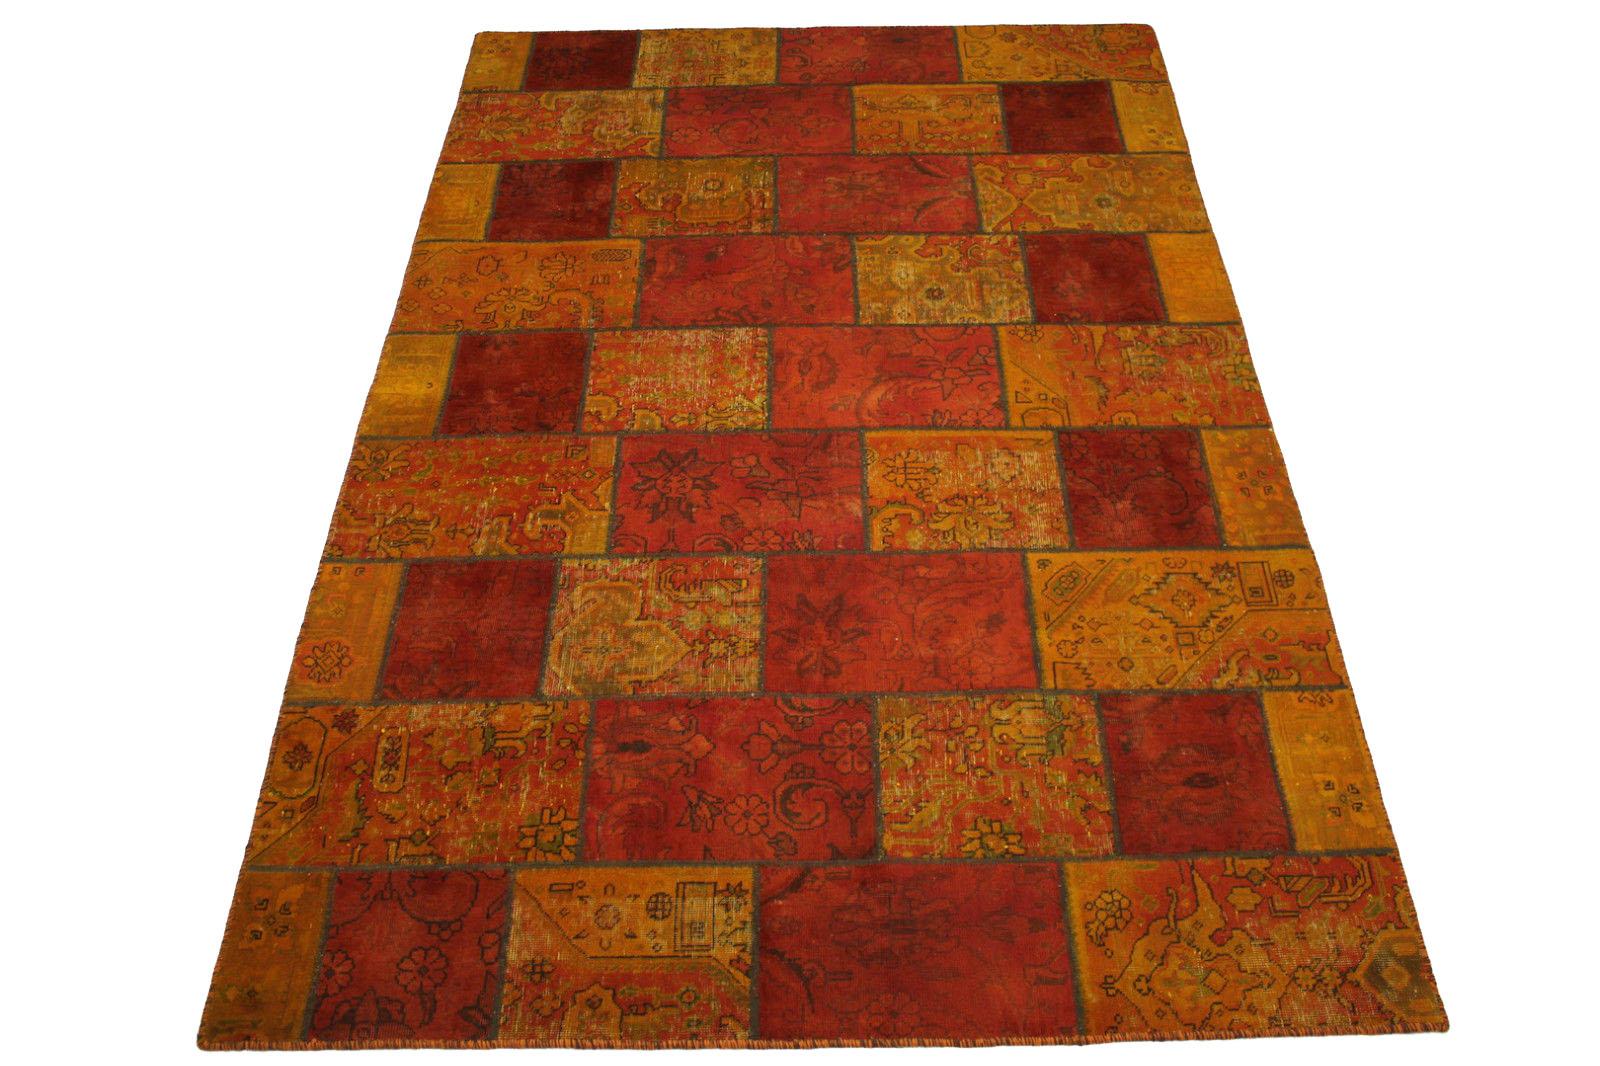 patchwork teppich orange rot in 300x200cm 1001 2008 bei kaufen. Black Bedroom Furniture Sets. Home Design Ideas